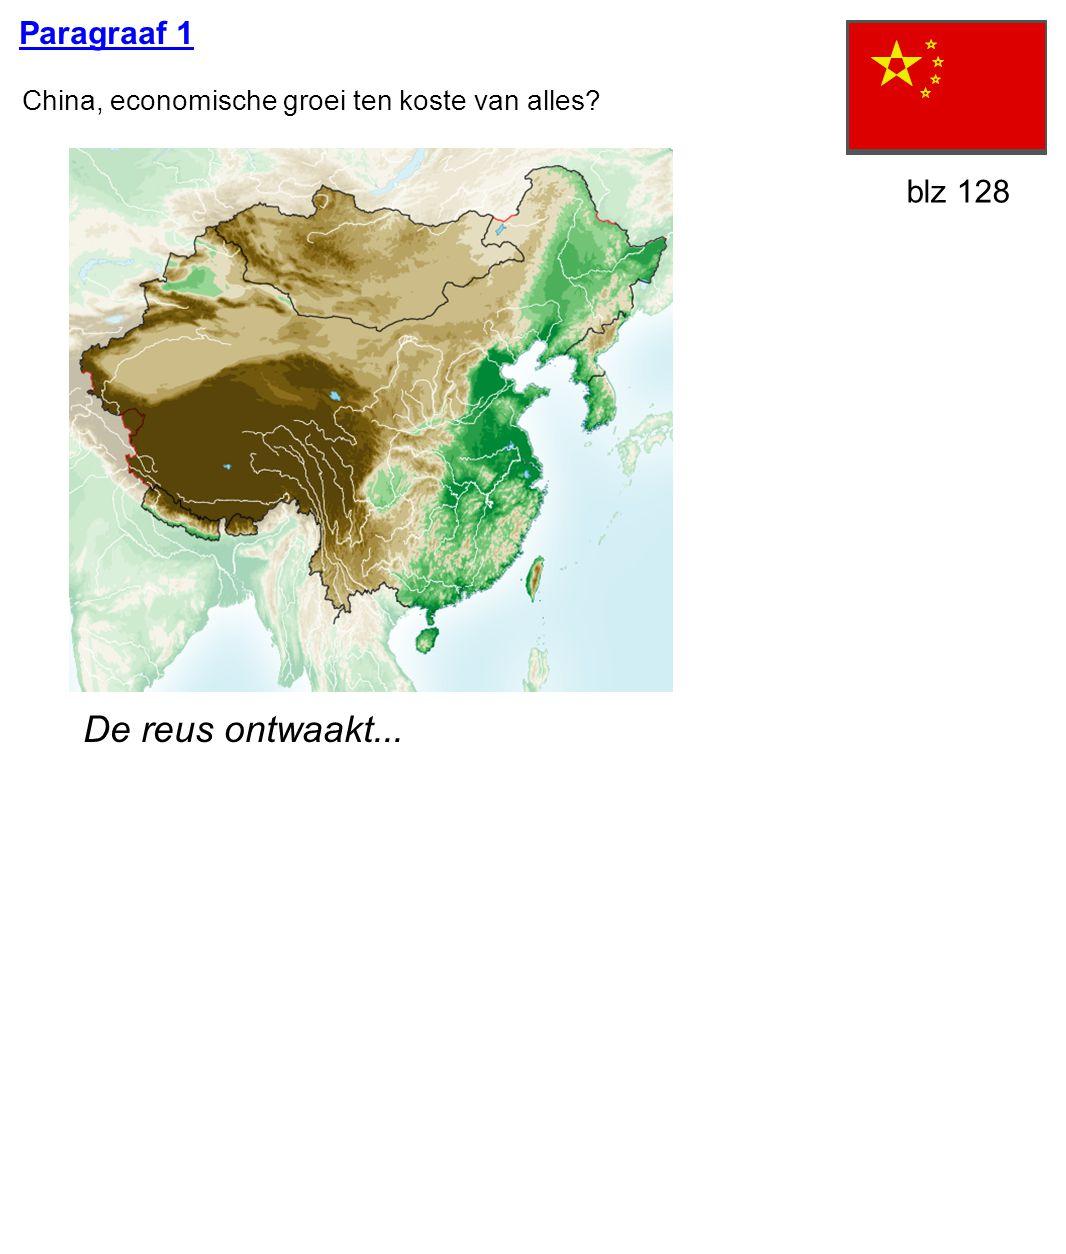 Ontwerp op de lege kaart een geografisch beeld - lees de tekst van paragraaf één - gebruik de atlas - gebruik je eigen kennis - maak gebruik van de hulpschema s